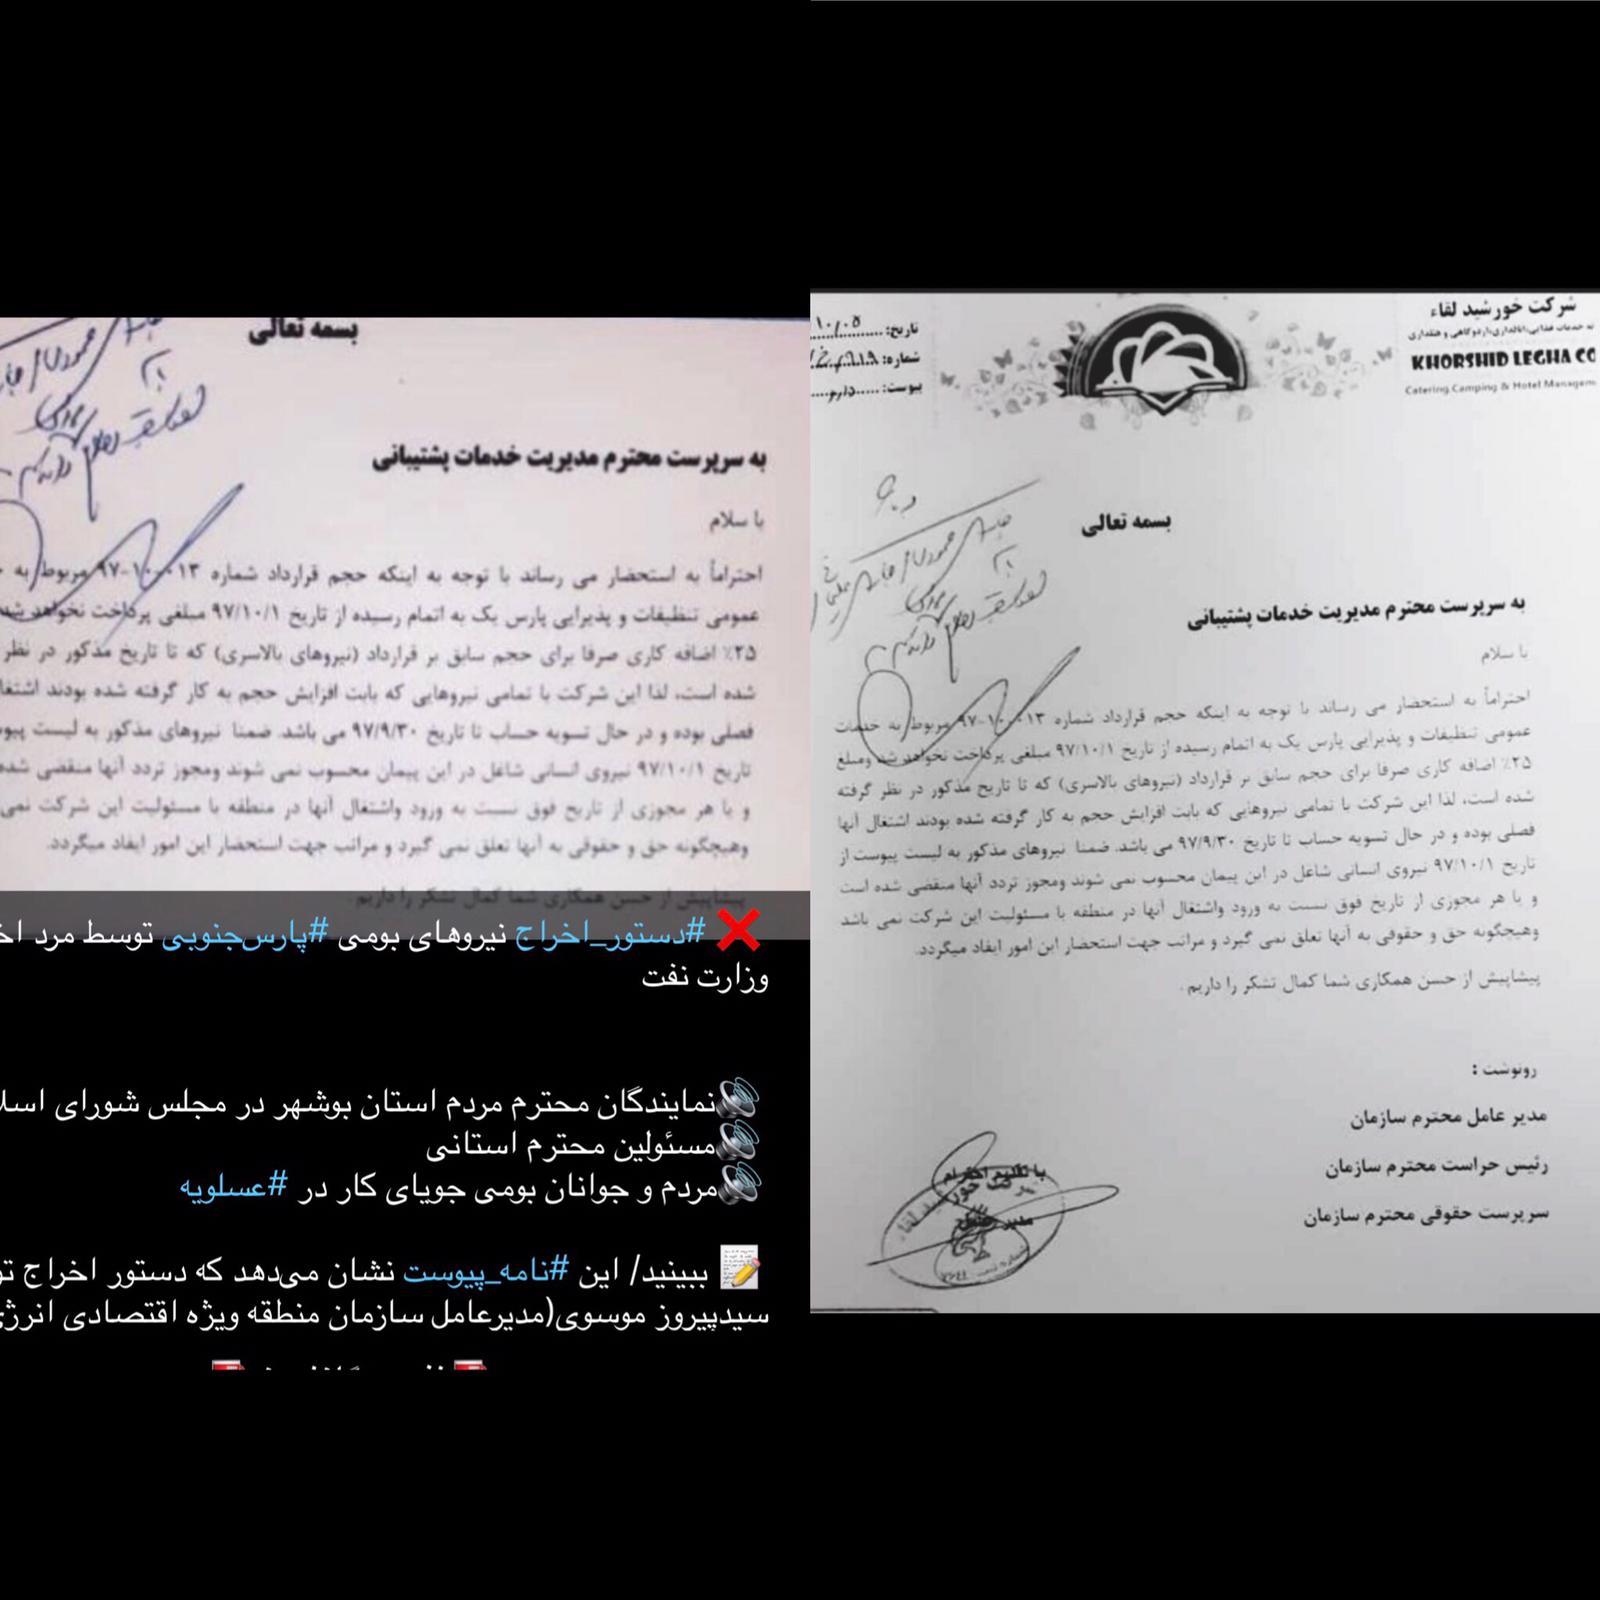 هرزه نگاري با هدف تاخت و تاز به مديرعامل منطقه ويژه پارس